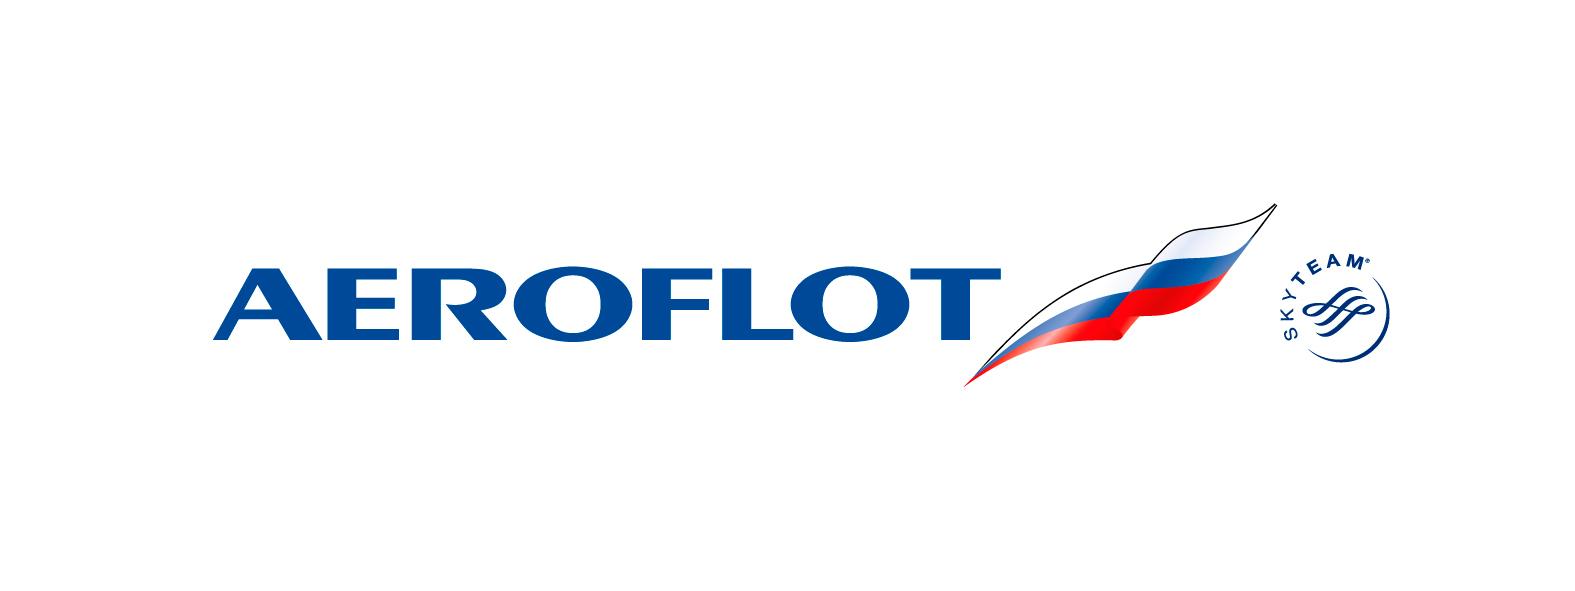 Aeroflot Logo PNG Transparent Aeroflot Logo.PNG Images..